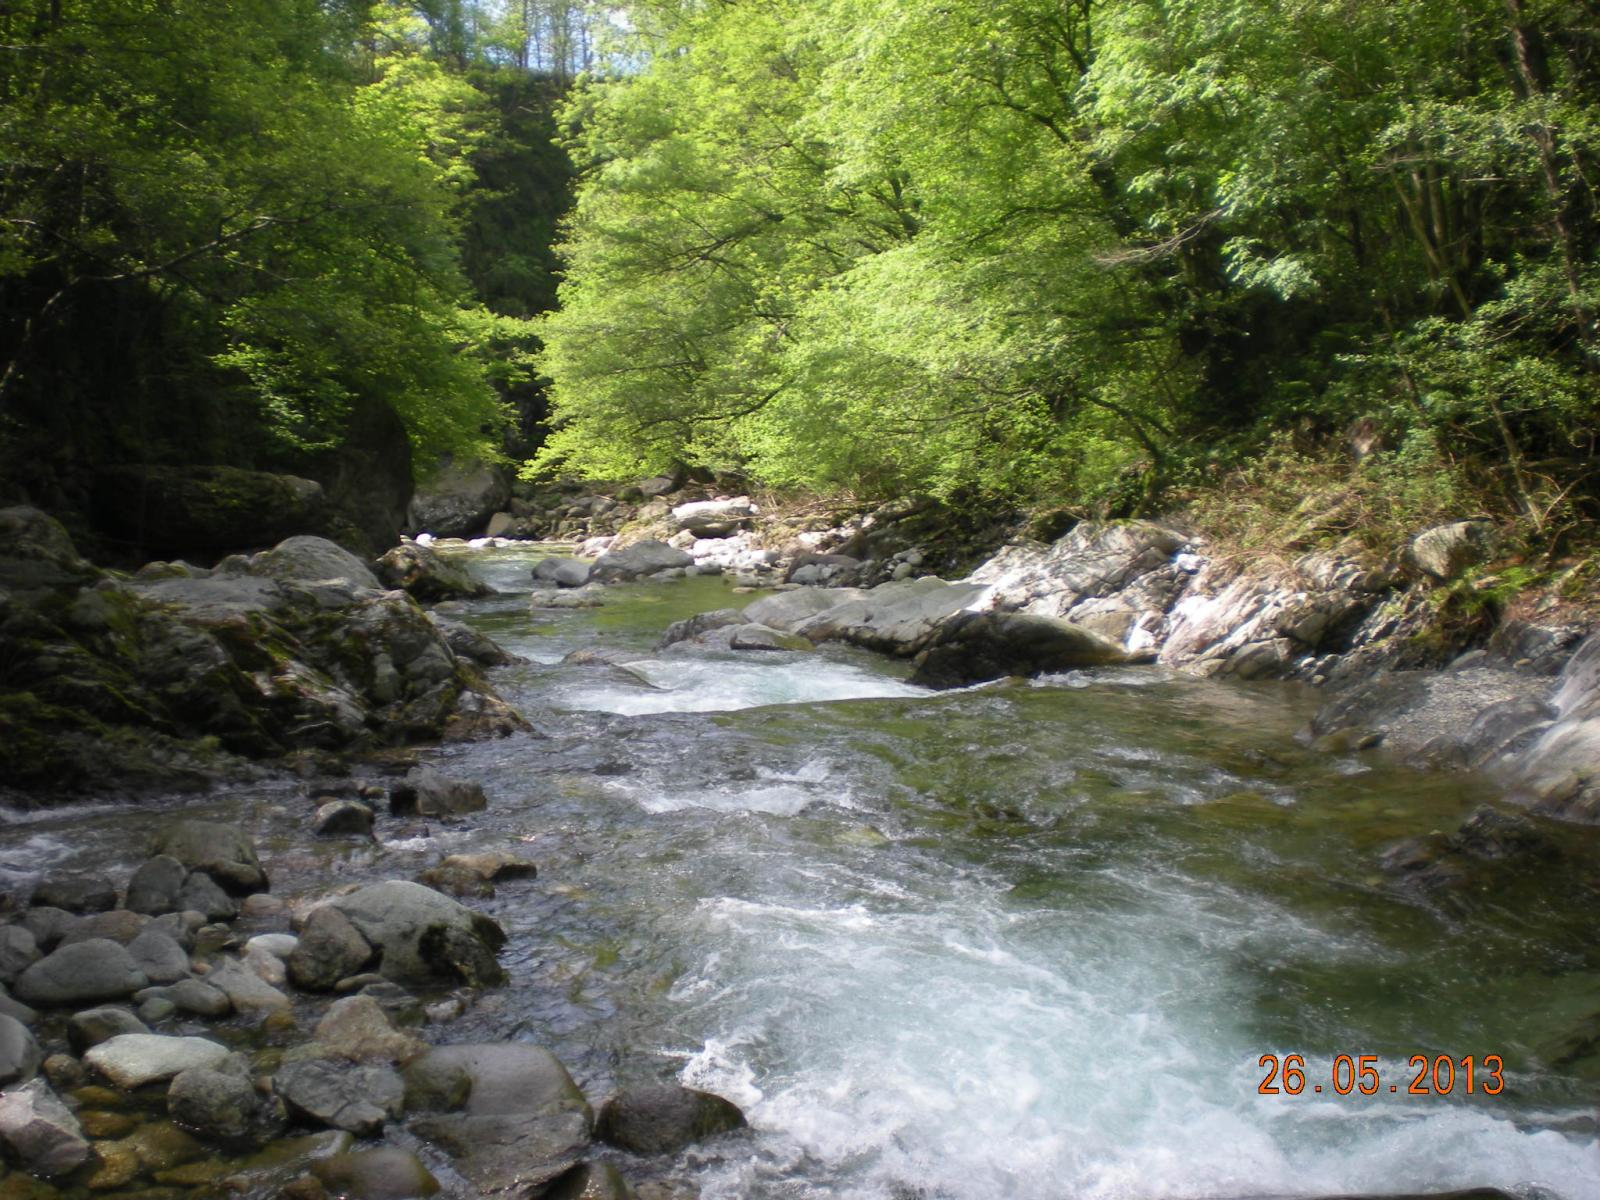 acqua limpida dell'Elvo